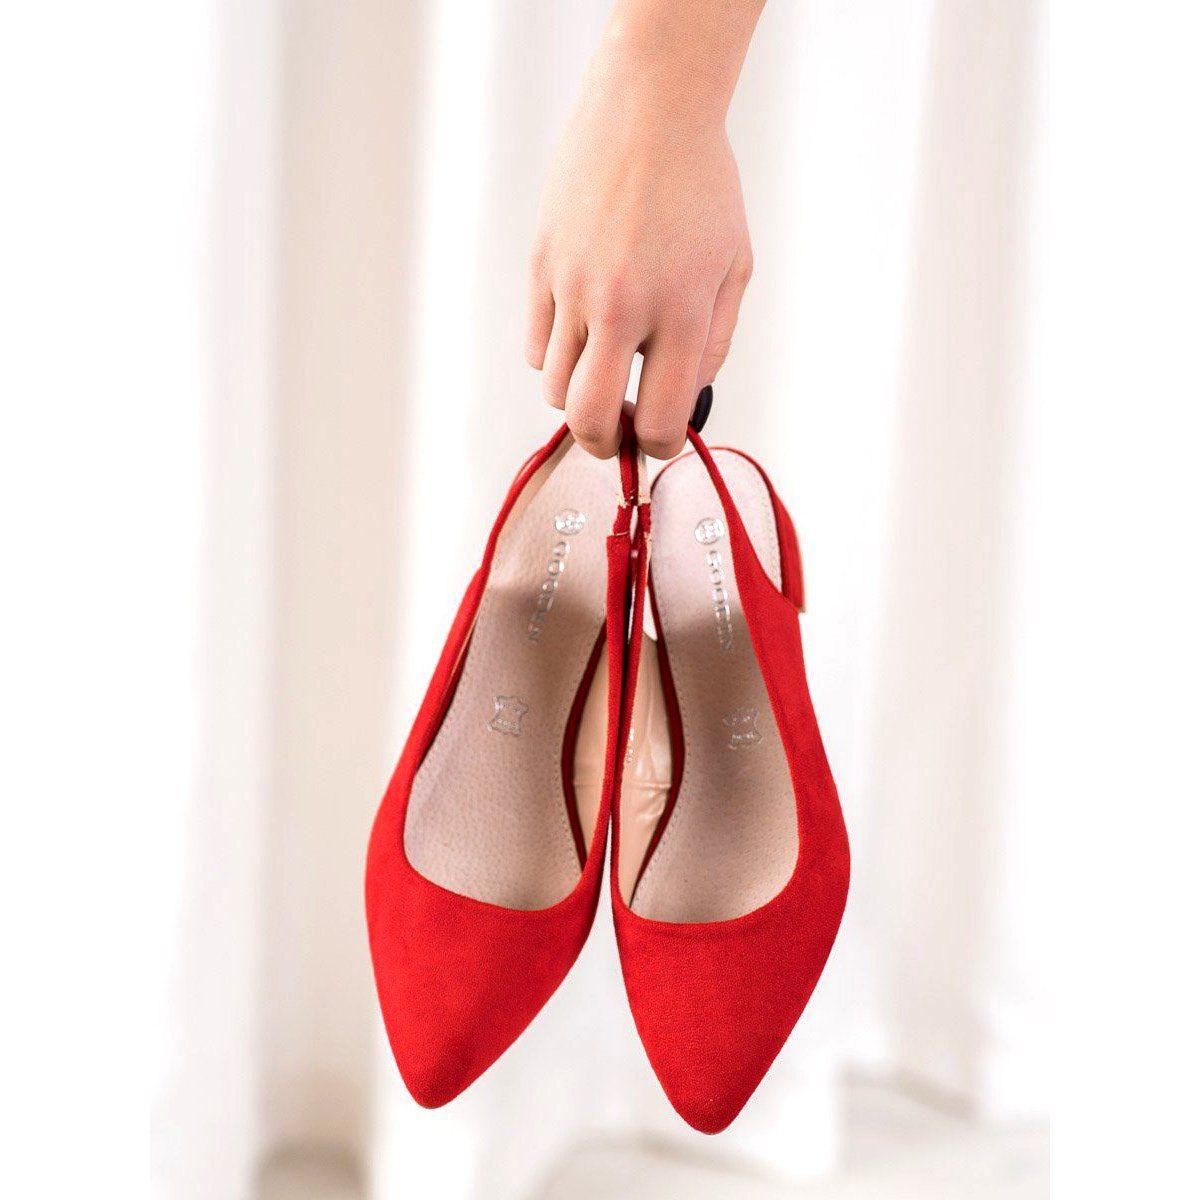 Goodin Czolenka Z Odkryta Pieta Czerwone Heels Shoes Fashion